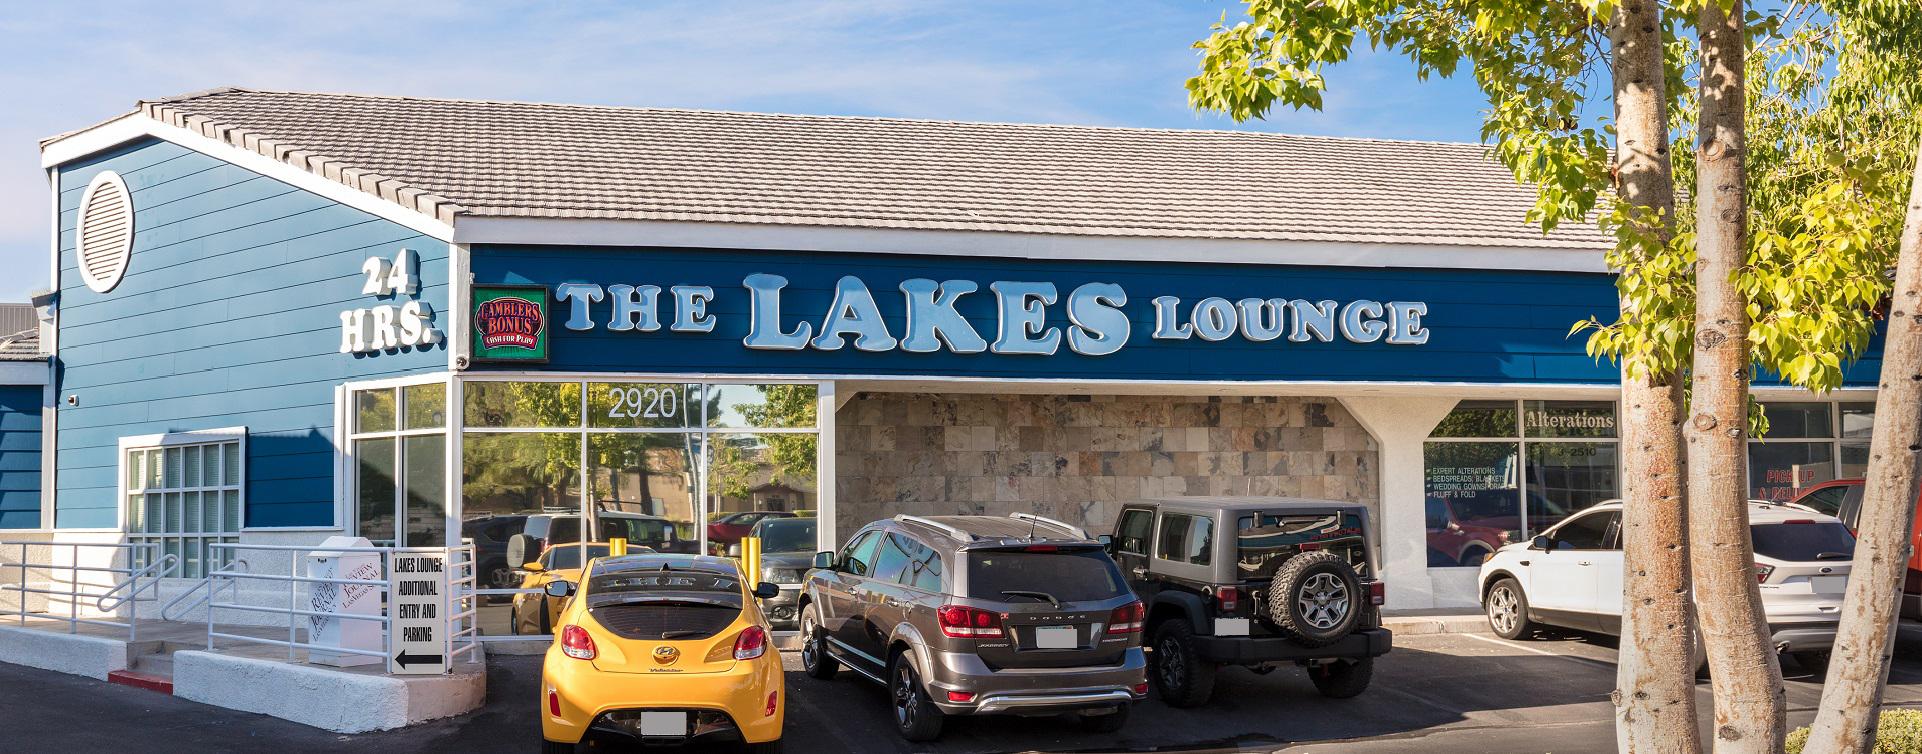 the lakes lounge outside 2017